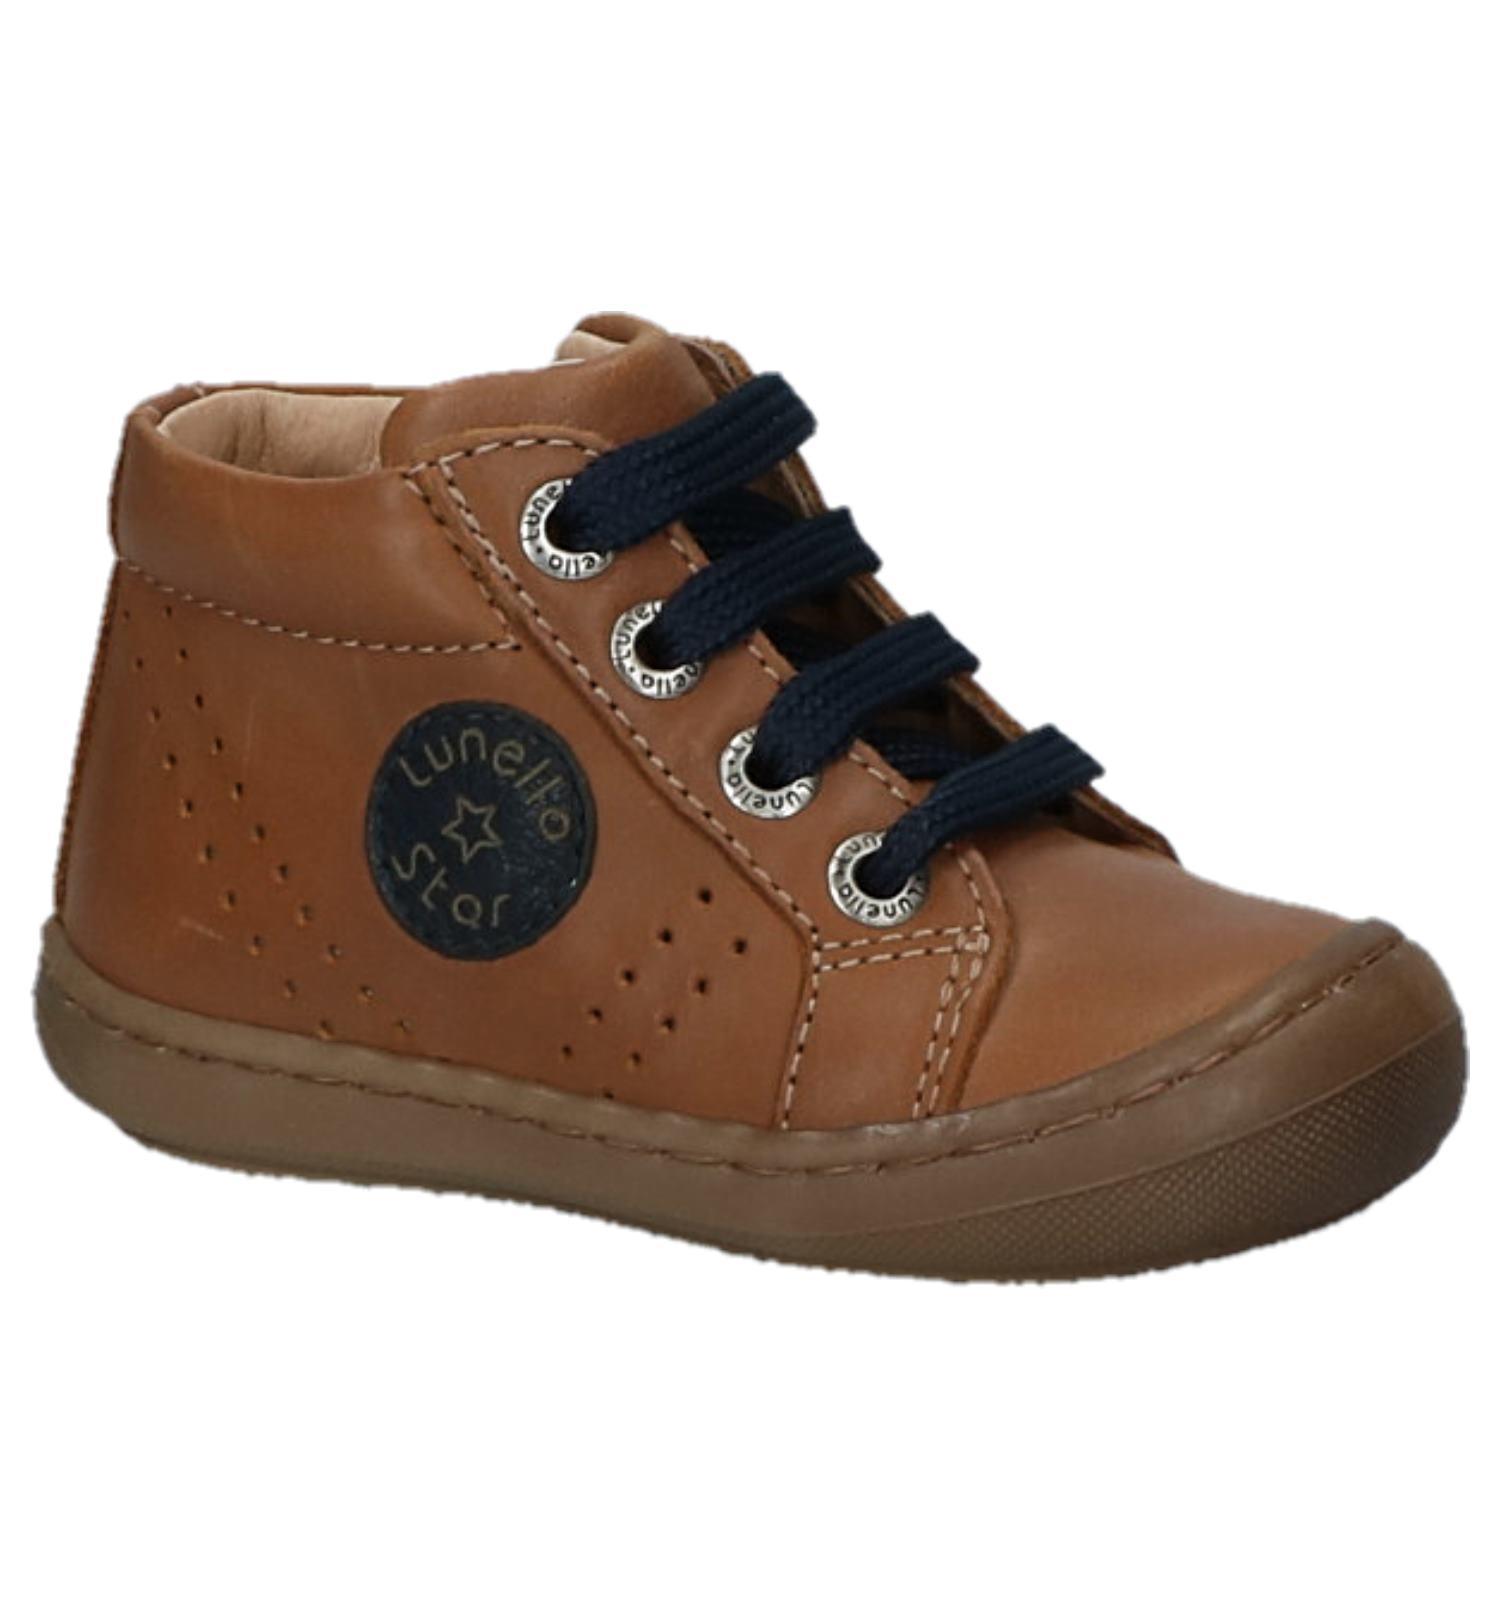 20cf6a764970f Lunella Chaussures pour bébé (Cognac)   TORFS.BE   Livraison et retour  gratuits